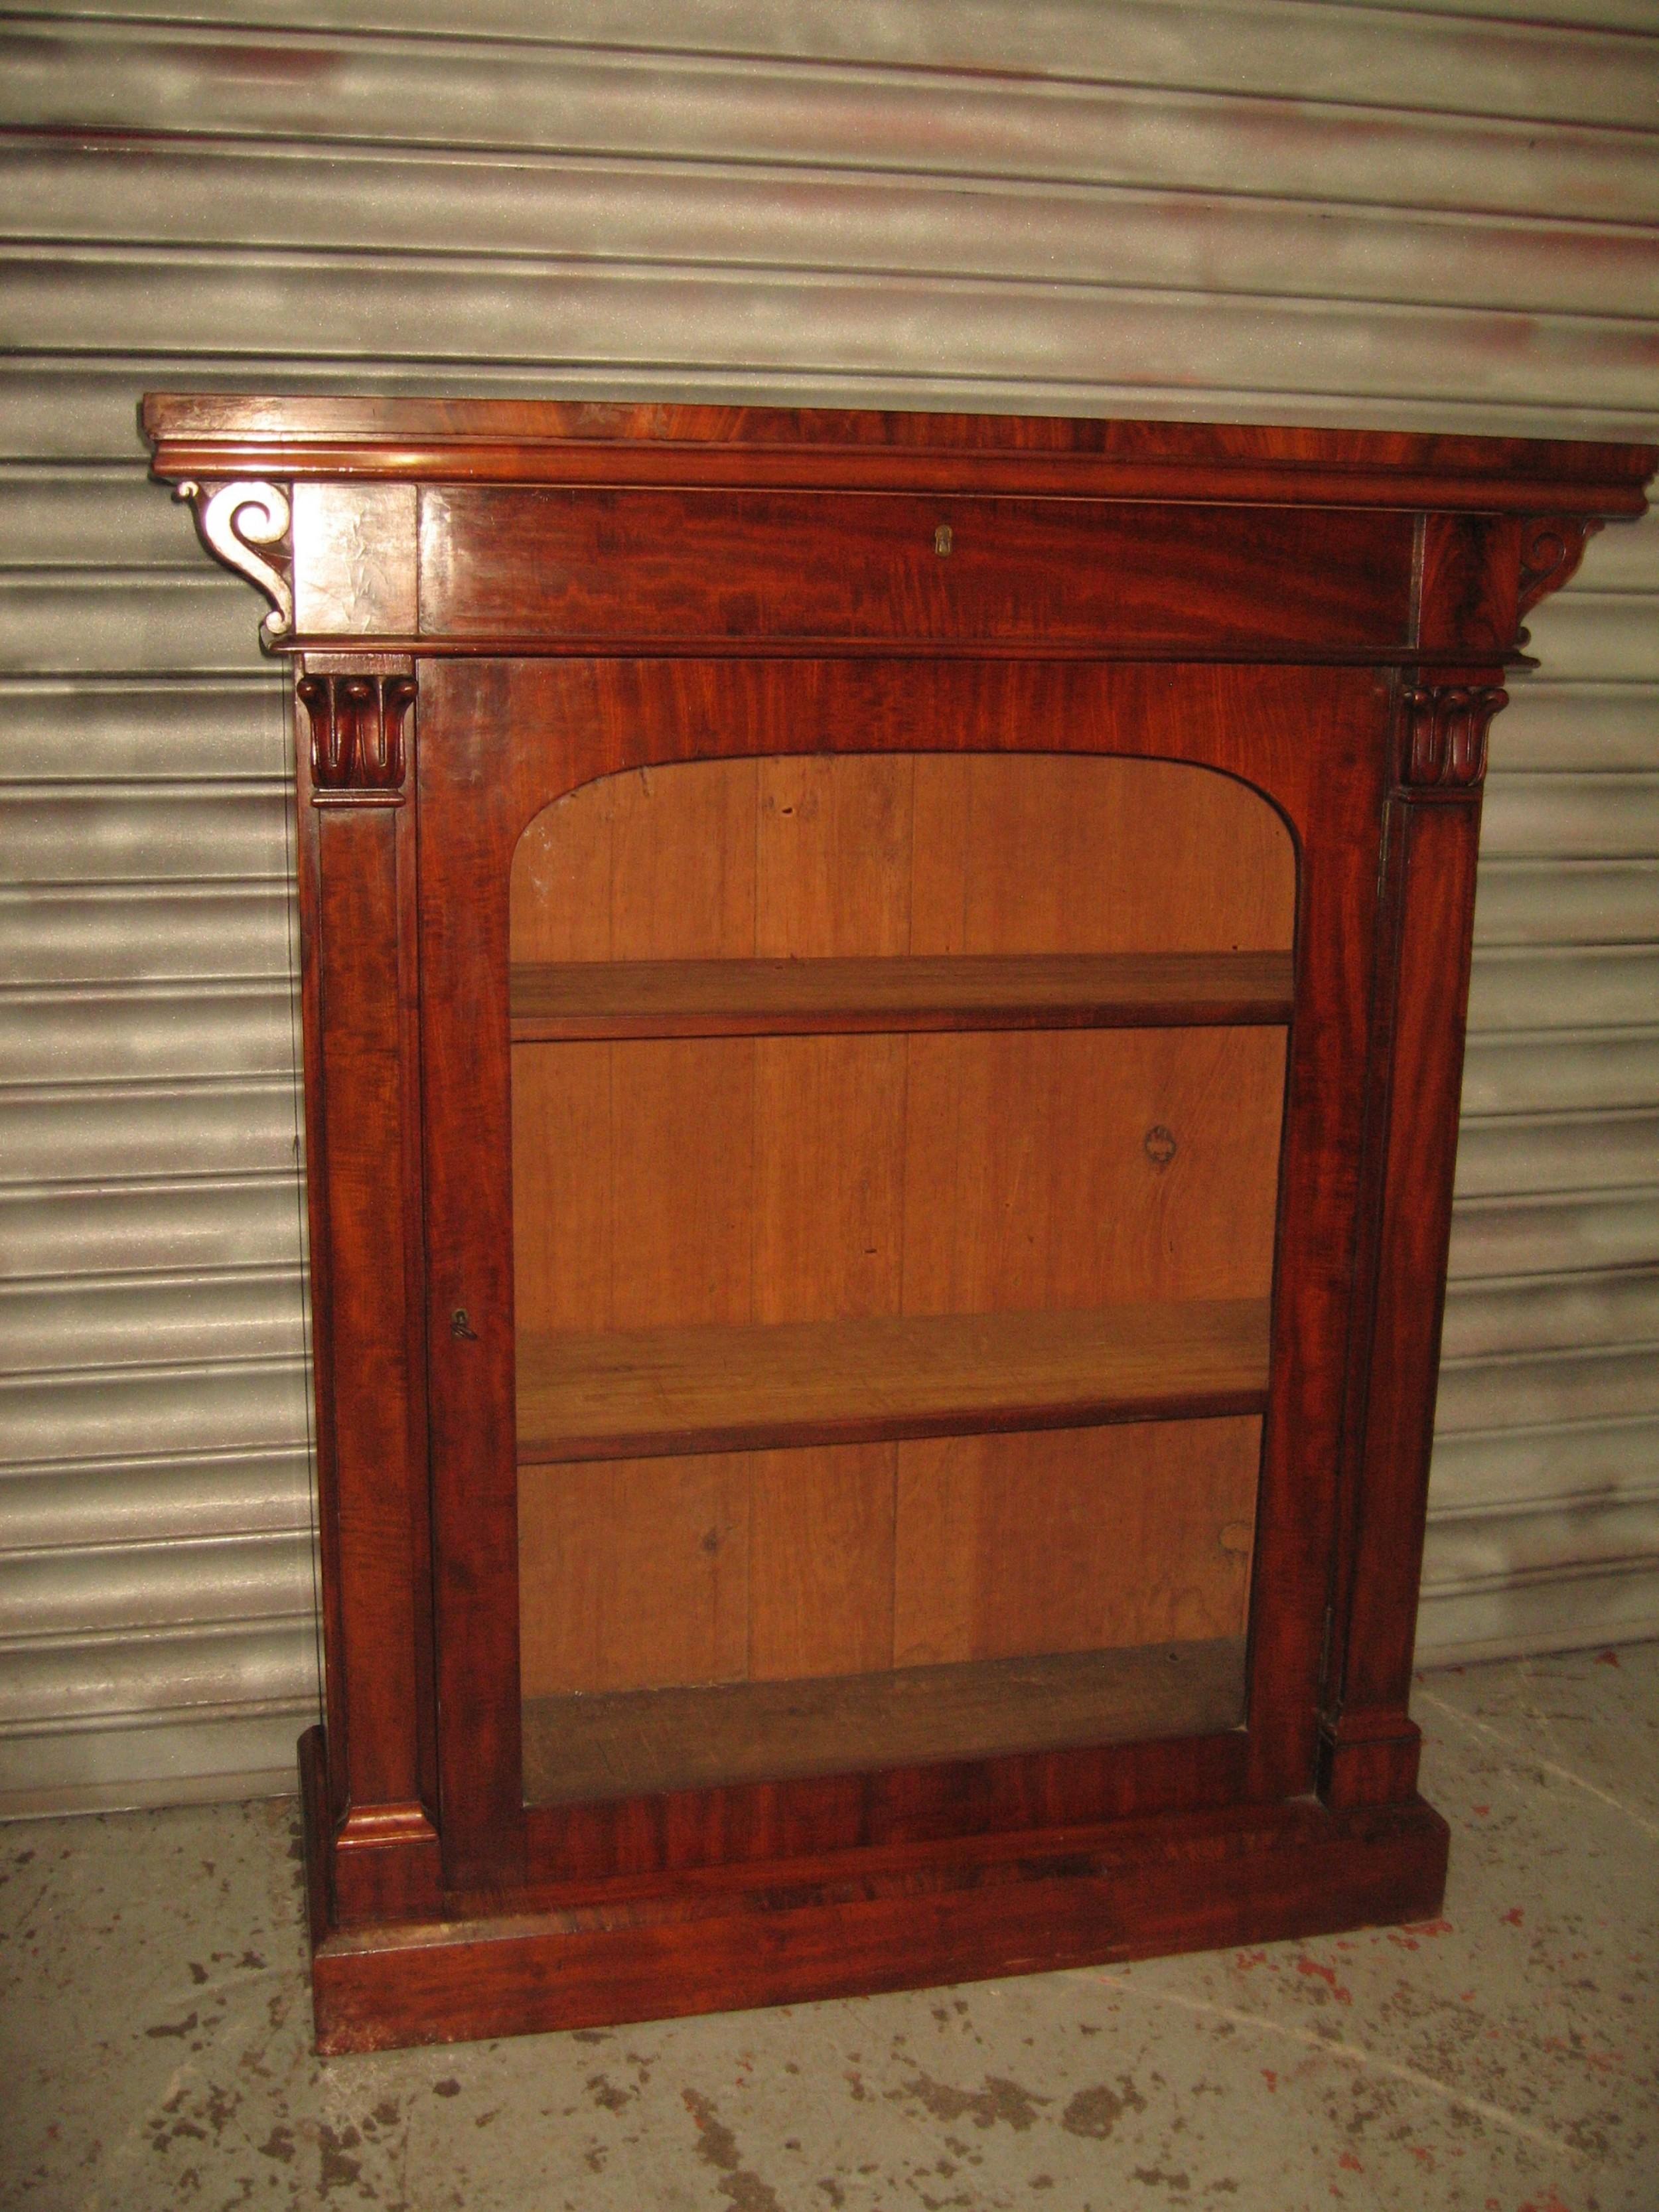 small size 19th century mahogany bookcase